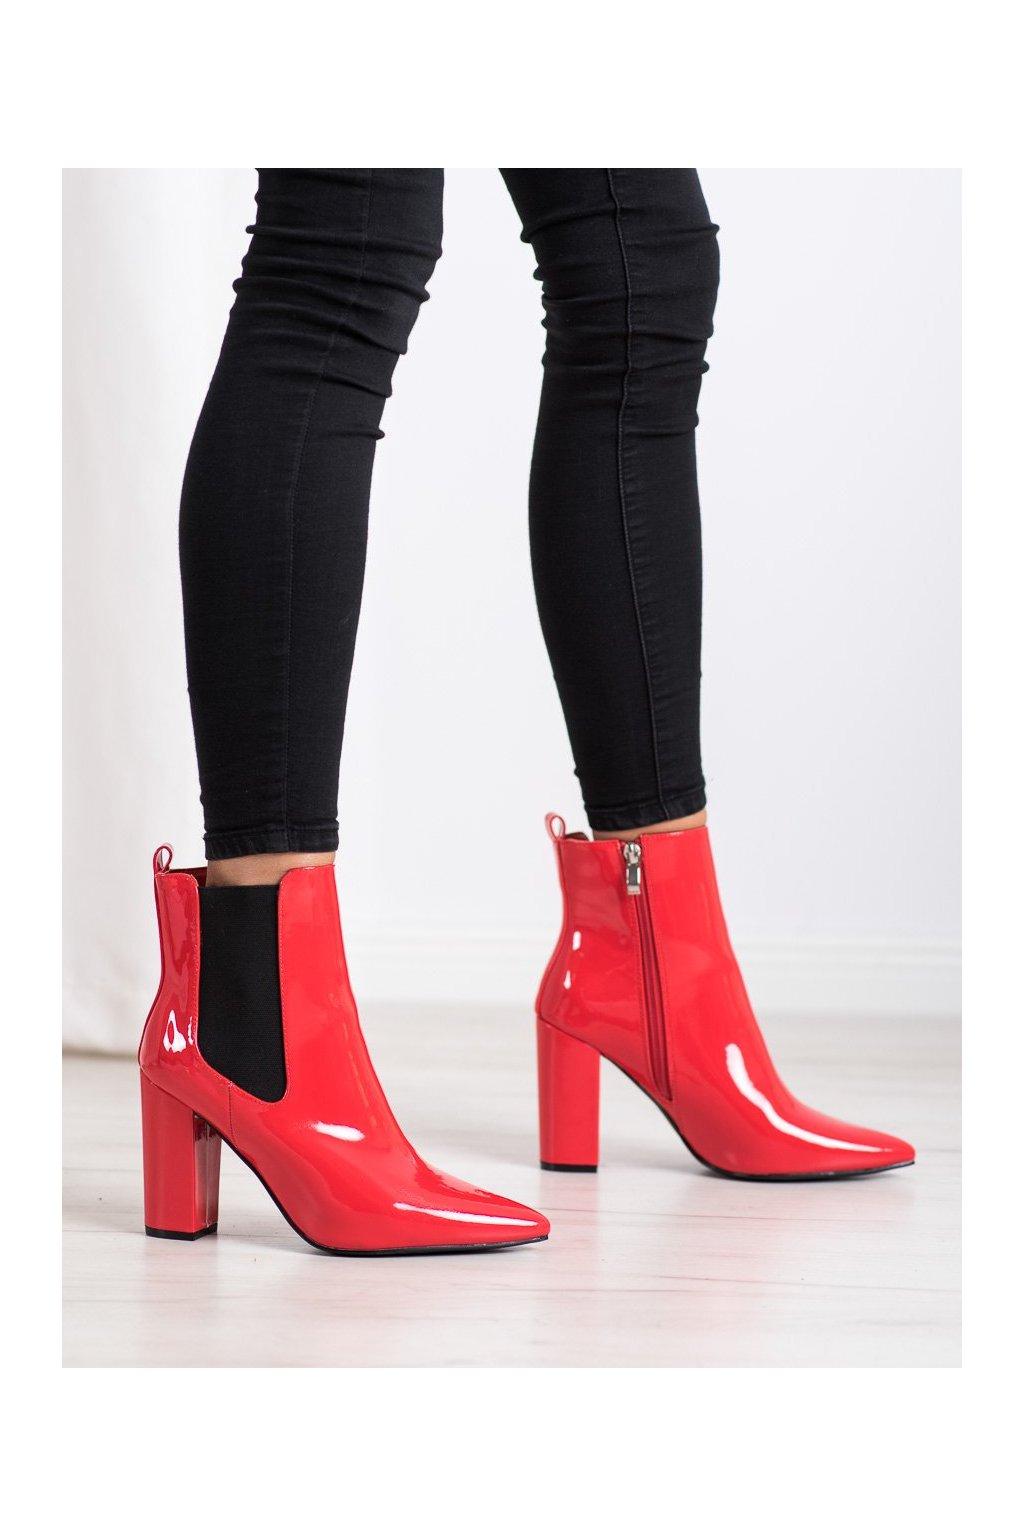 Červené dámske topánky Yes mile kod K231R